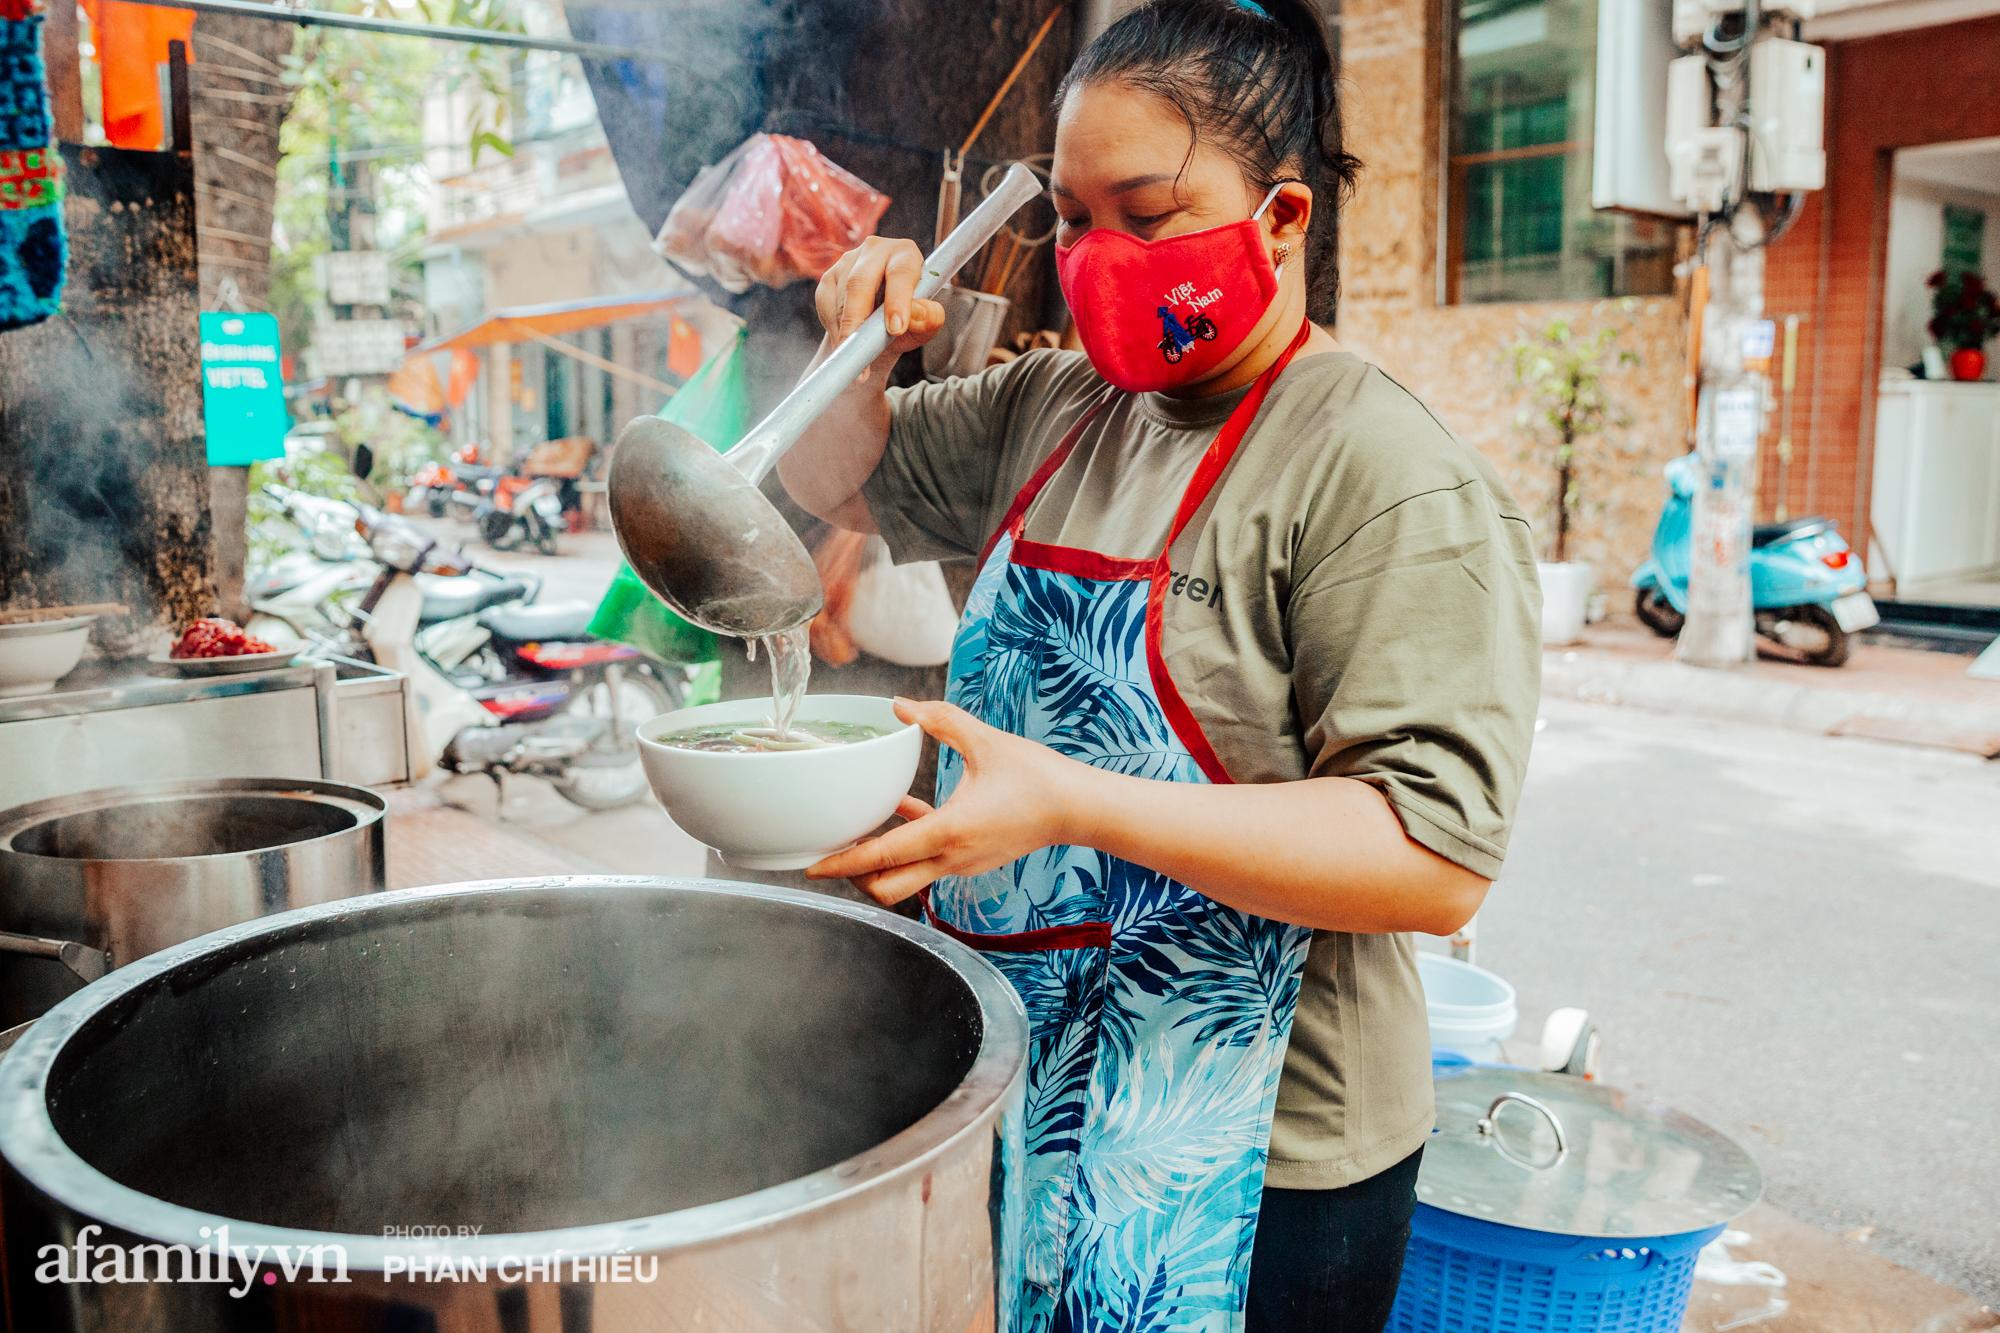 """Quán phở """"diễn xiếc"""" lạ nhất Hà Nội: Đồ ăn nóng hôi hổi được ship bằng xe cân bằng, ông chủ lấy thiện cảm bằng phong cách phục vụ như người nhà - Ảnh 6."""